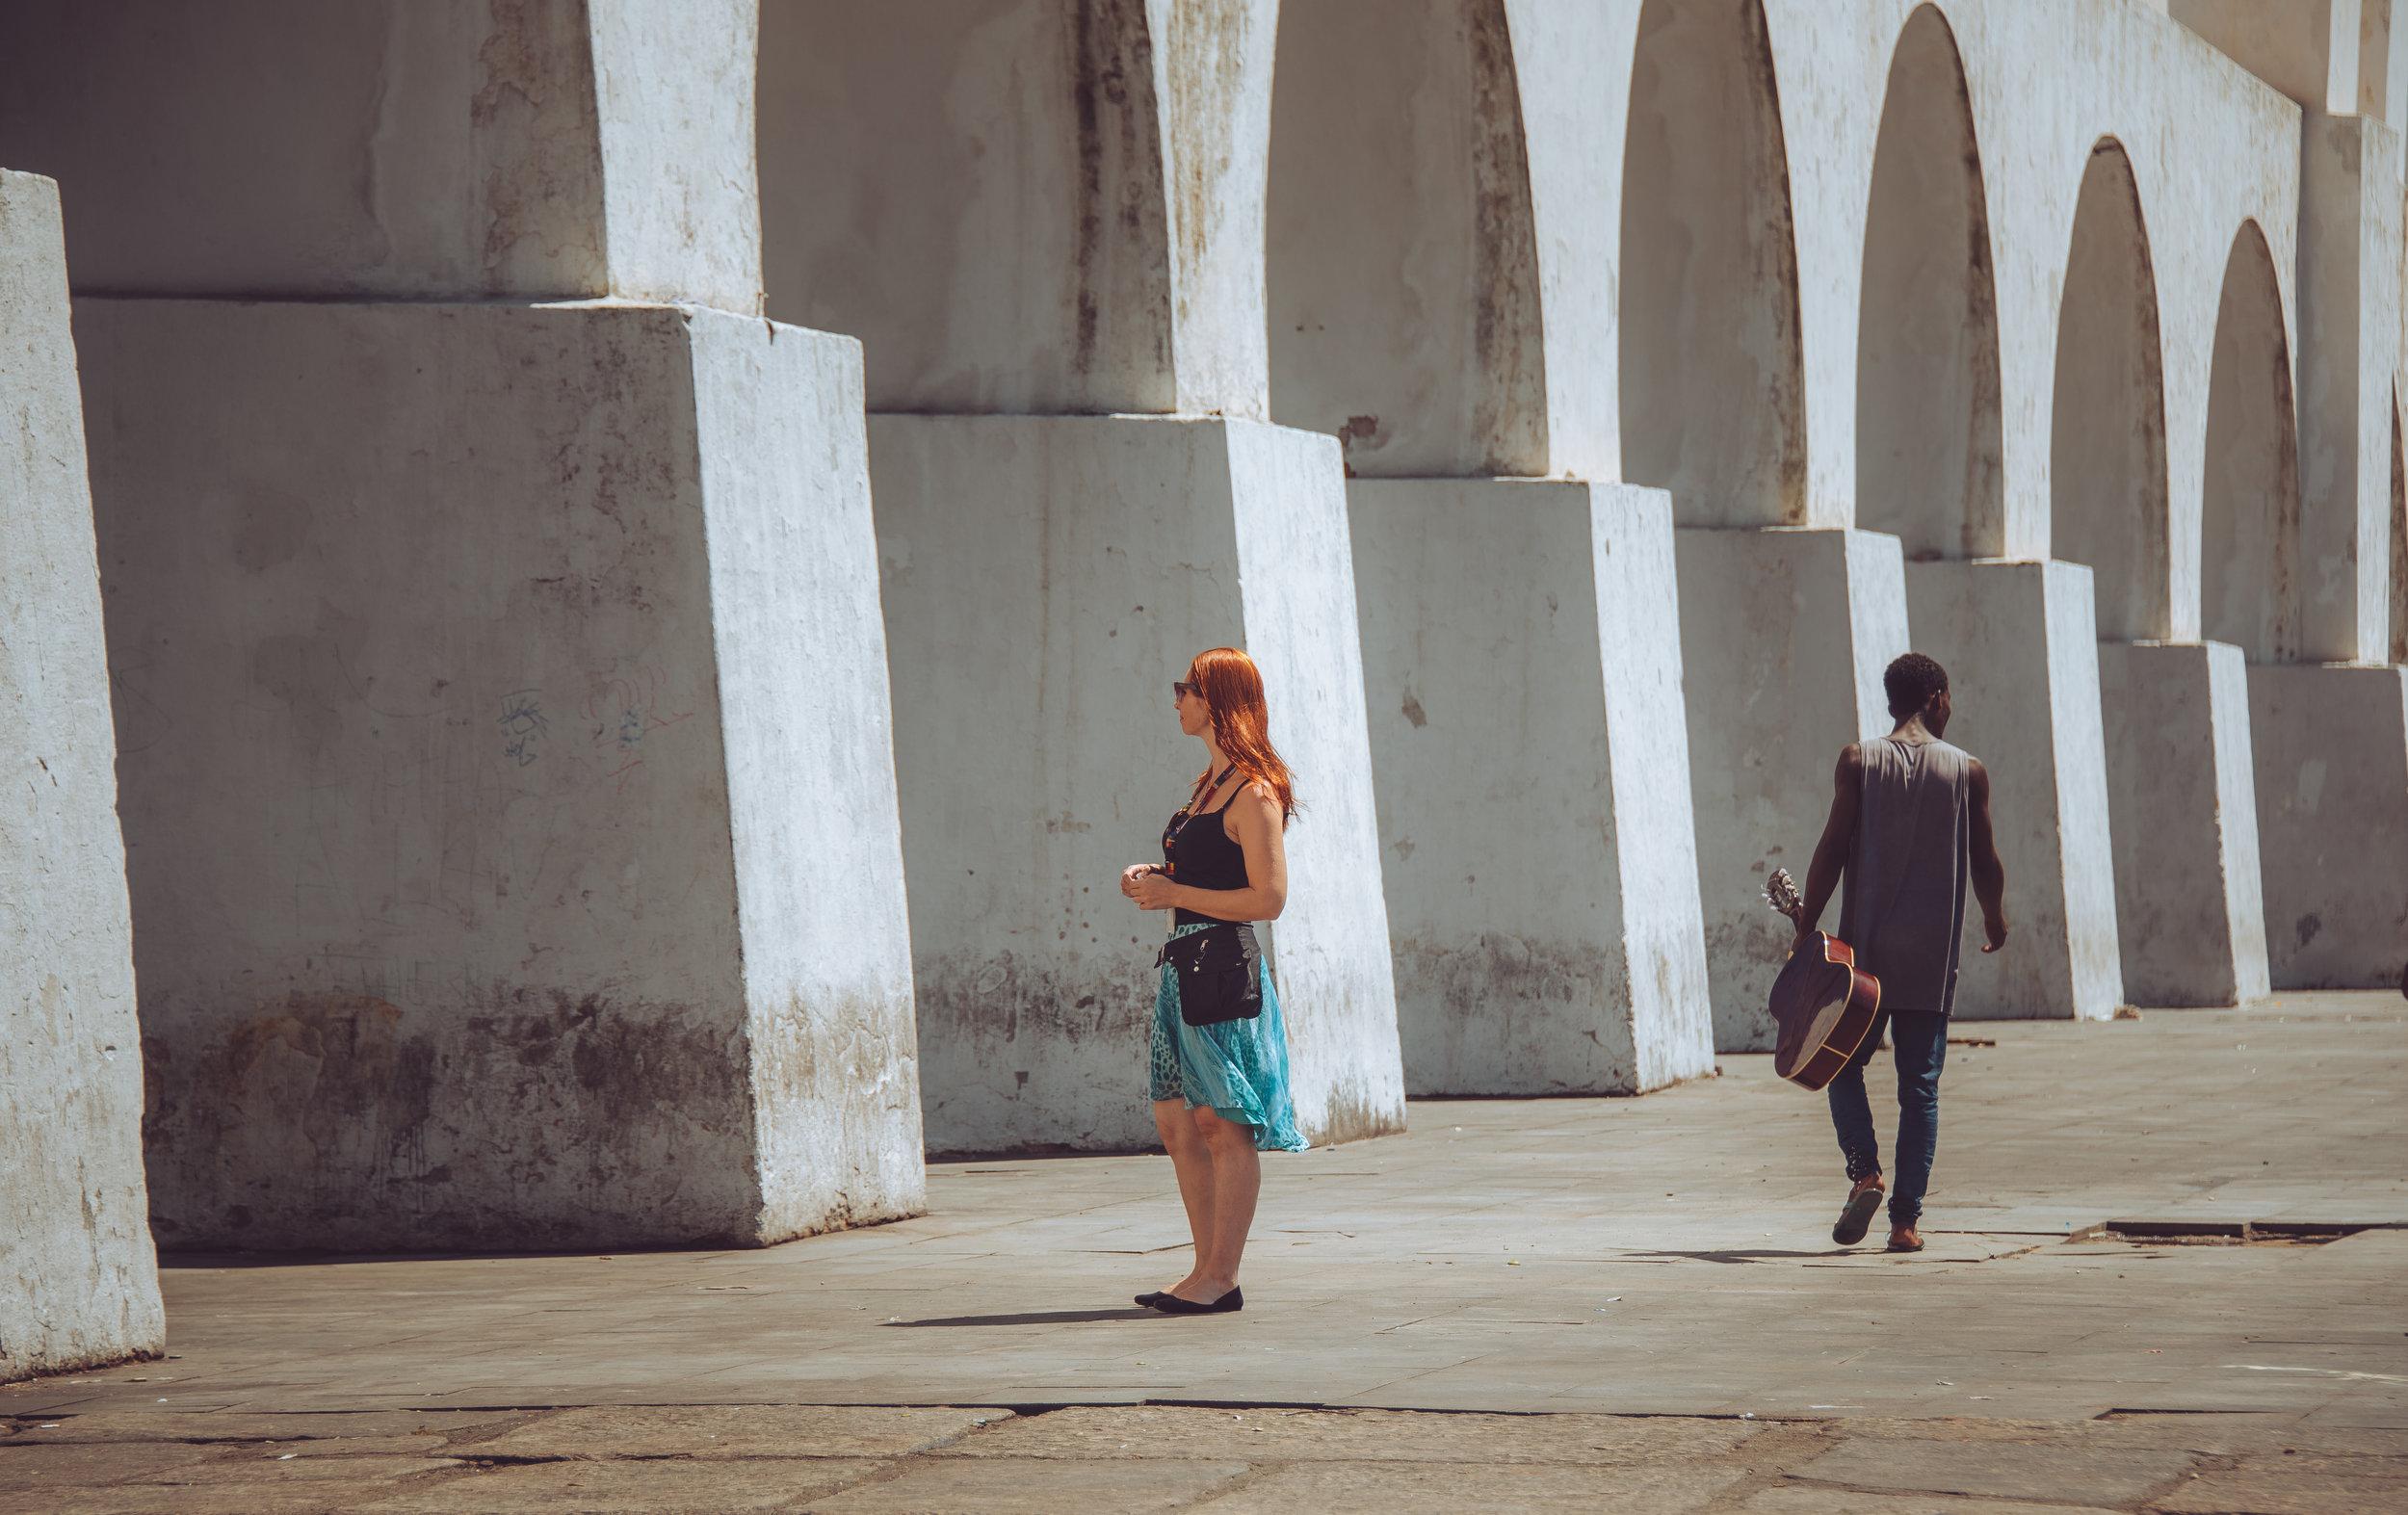 The Carioca aqueduct in Rio